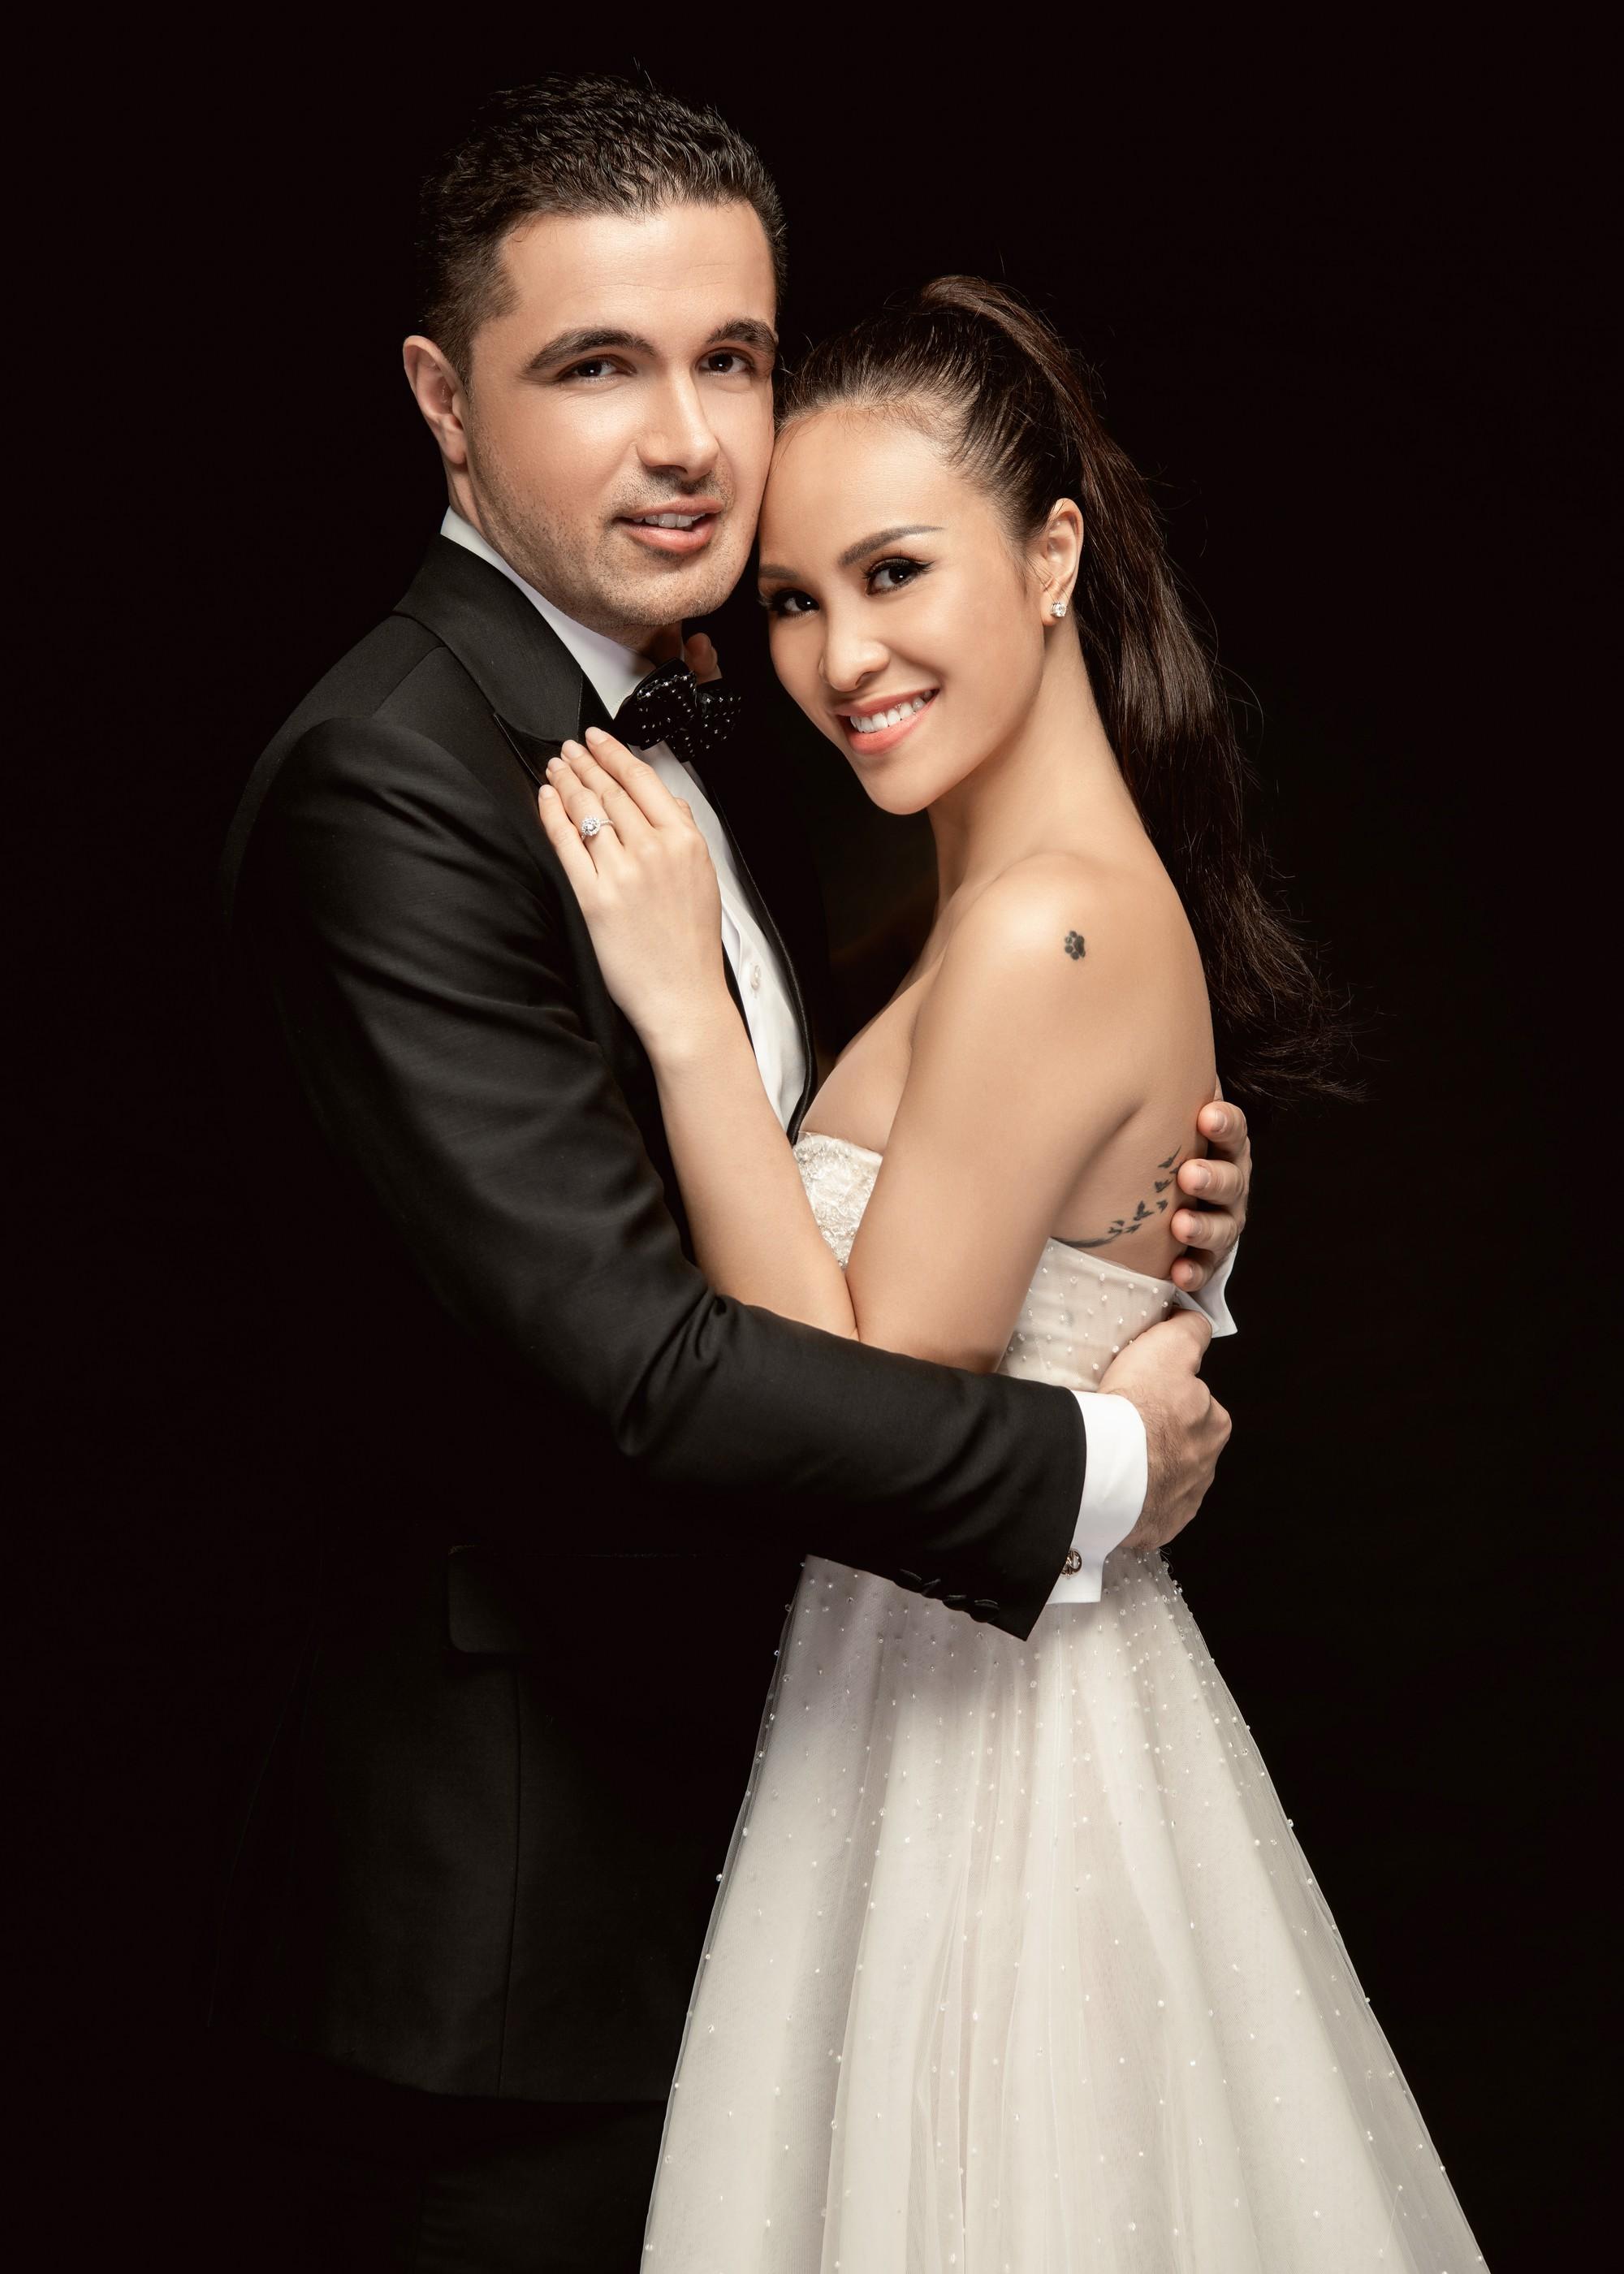 Trọn bộ ảnh cưới ngọt ngào đến tan chảy của Phương Mai và chồng Tây đẹp trai như tài tử - Ảnh 11.